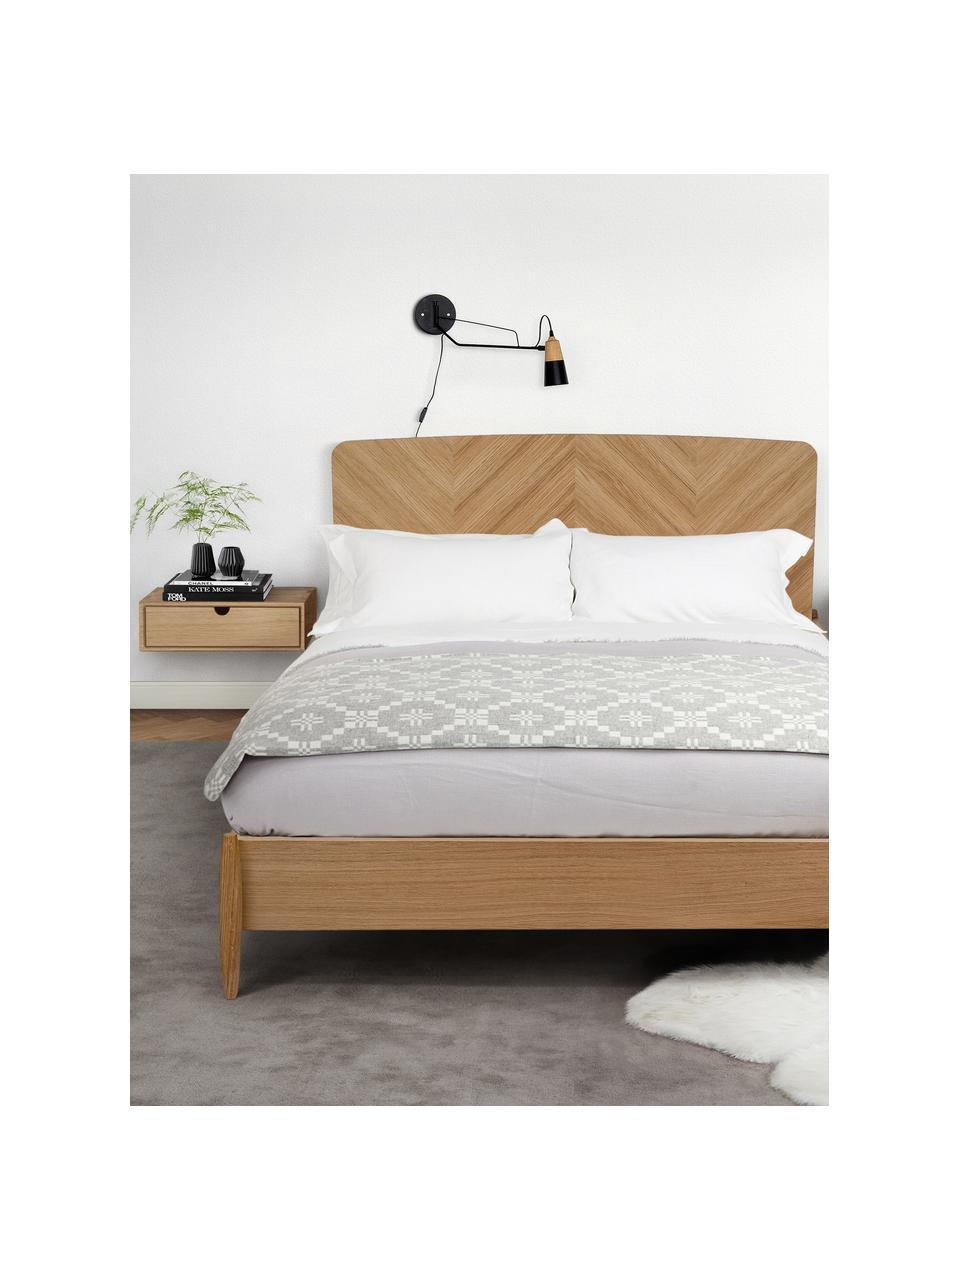 Comodino a muro con cassetto Farsta, Pannello di fibra a media densità con rivestimento in legno di quercia, Legno di quercia, Larg. 40 x Alt. 15 cm